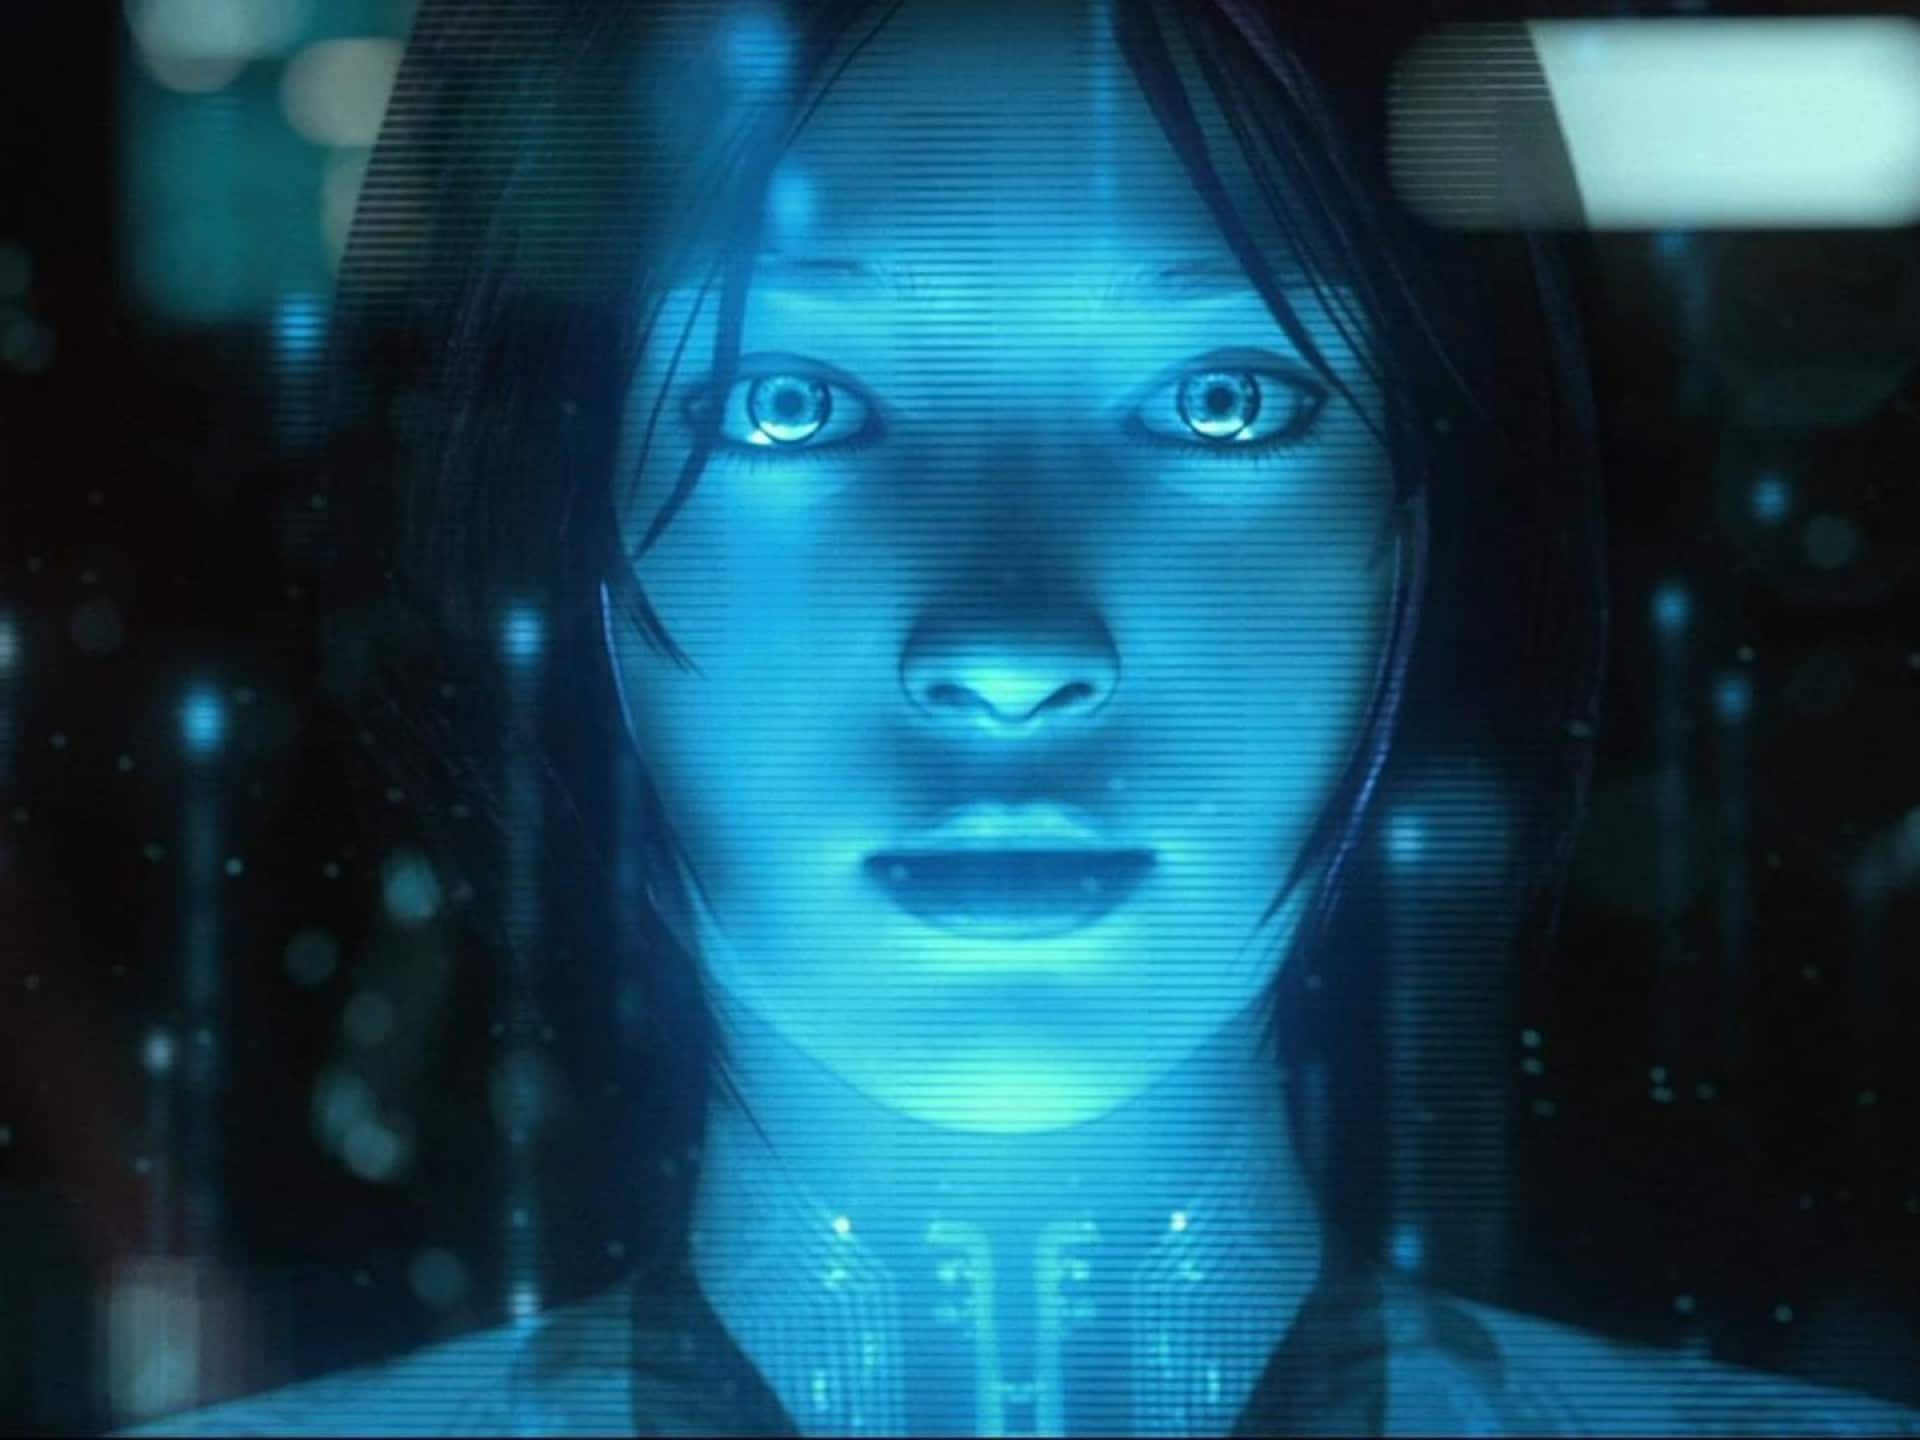 ИИ и «Кортана» в Microsoft 365 ставят людей в центр